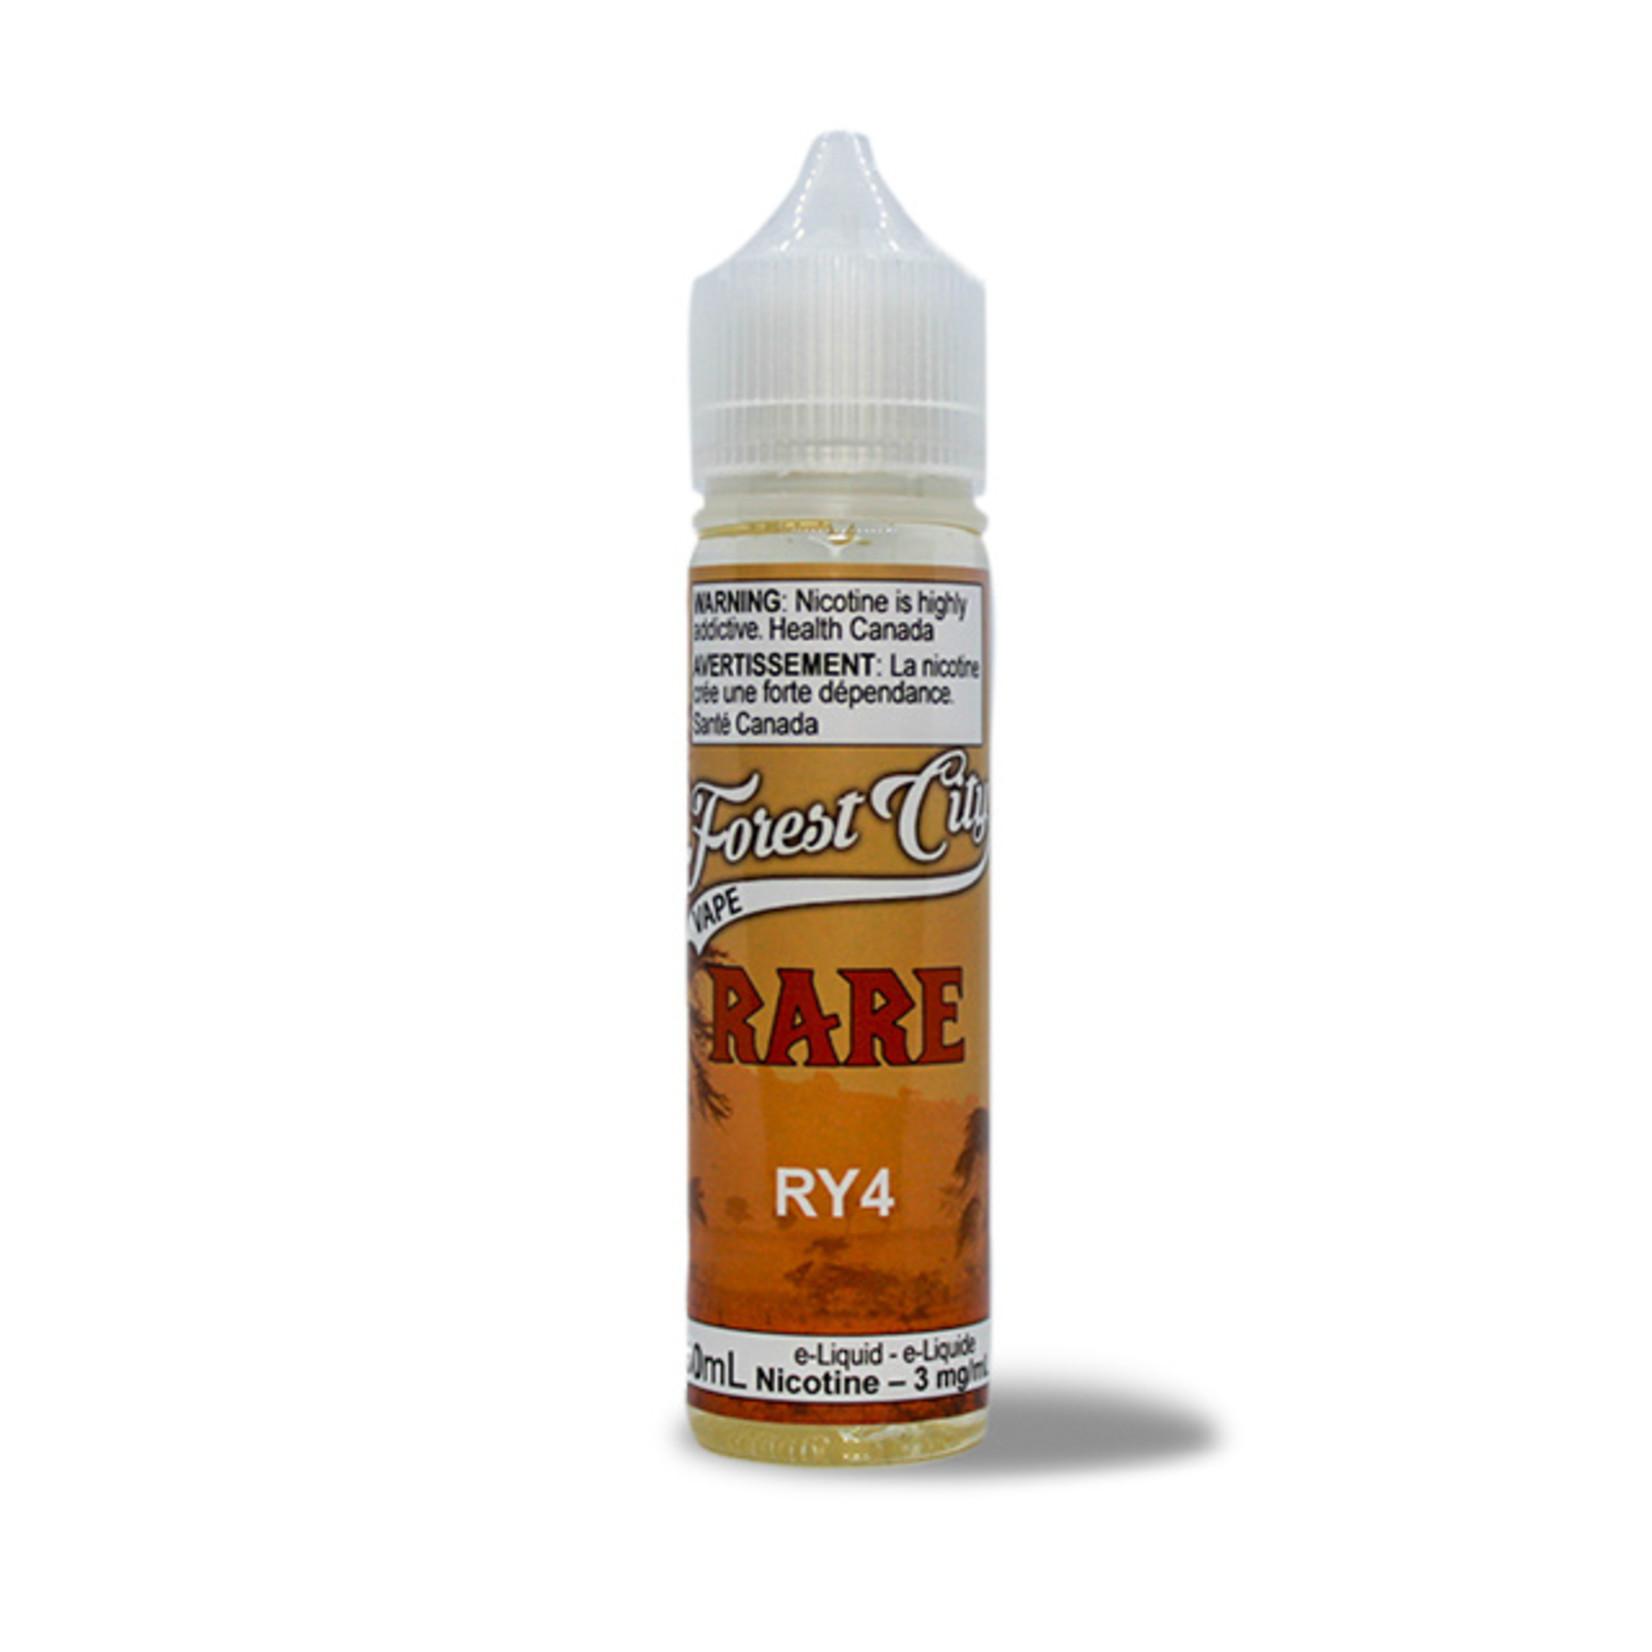 Rare RY4